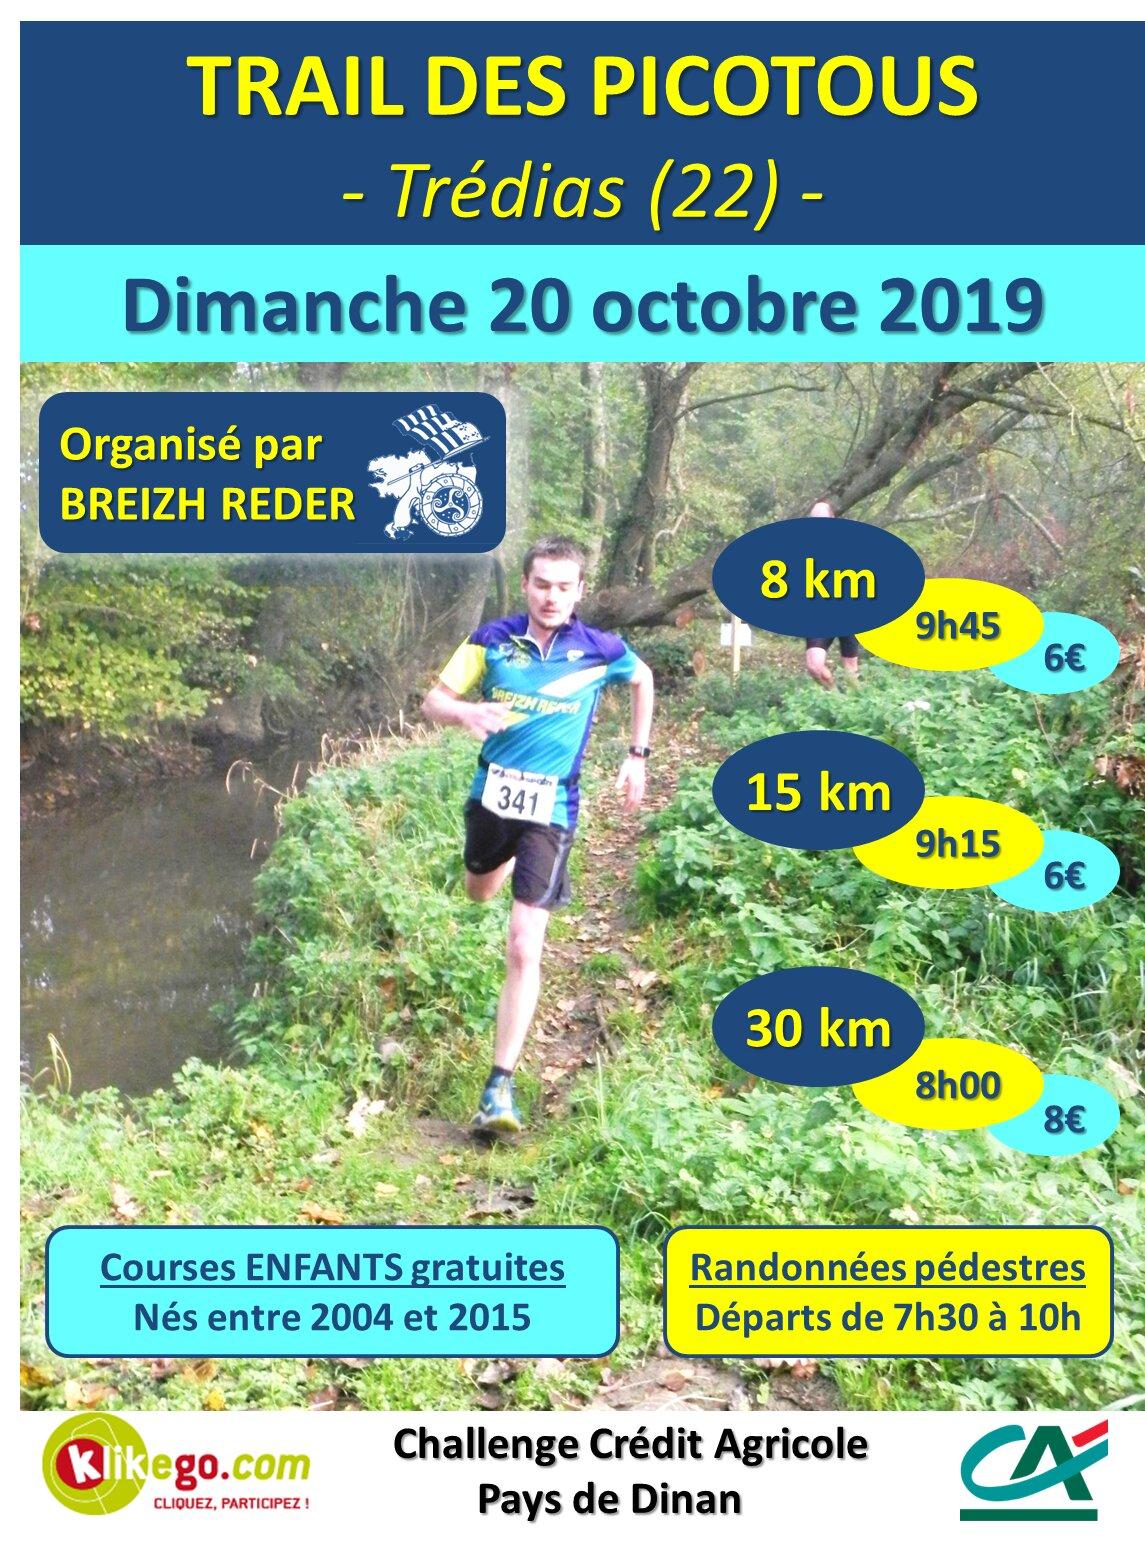 Trail des Picotous